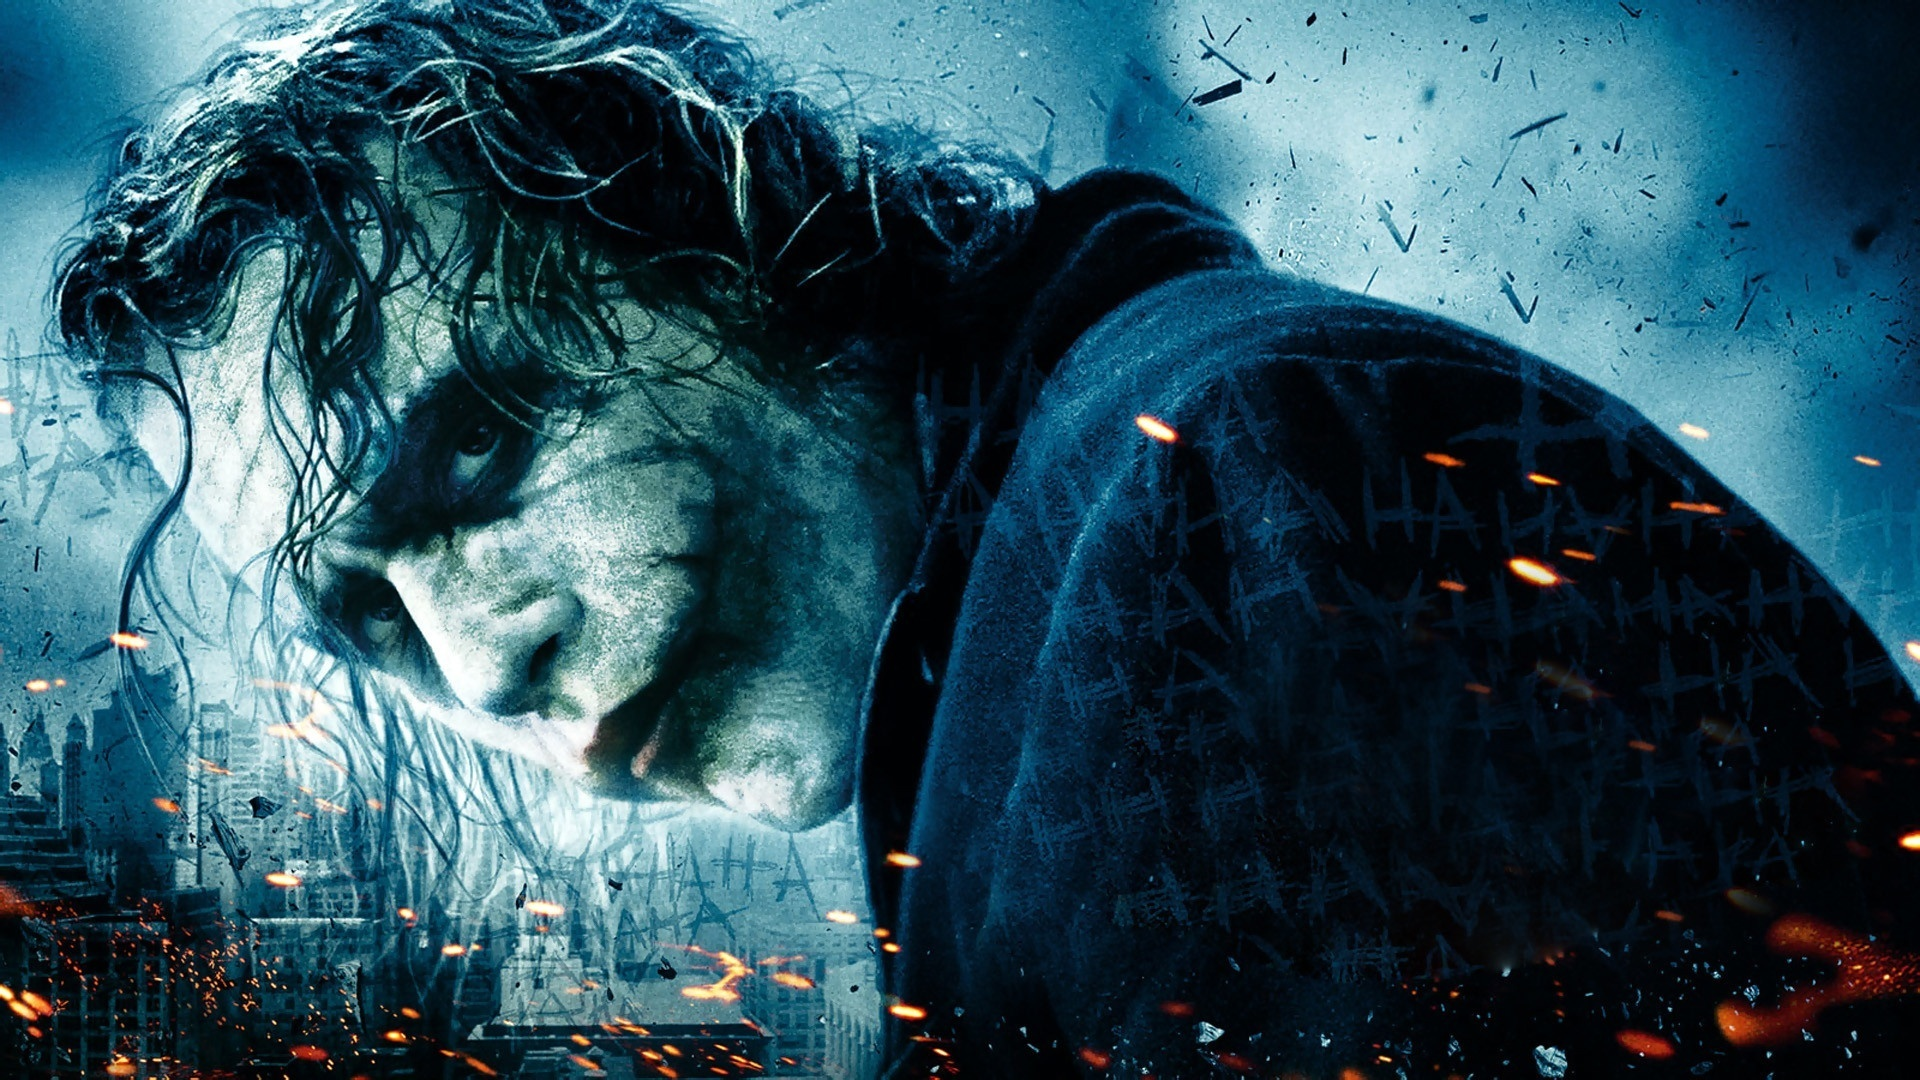 Heath Ledger As Joker HD Wallpaper   Stylish HD Wallpapers 1920x1080